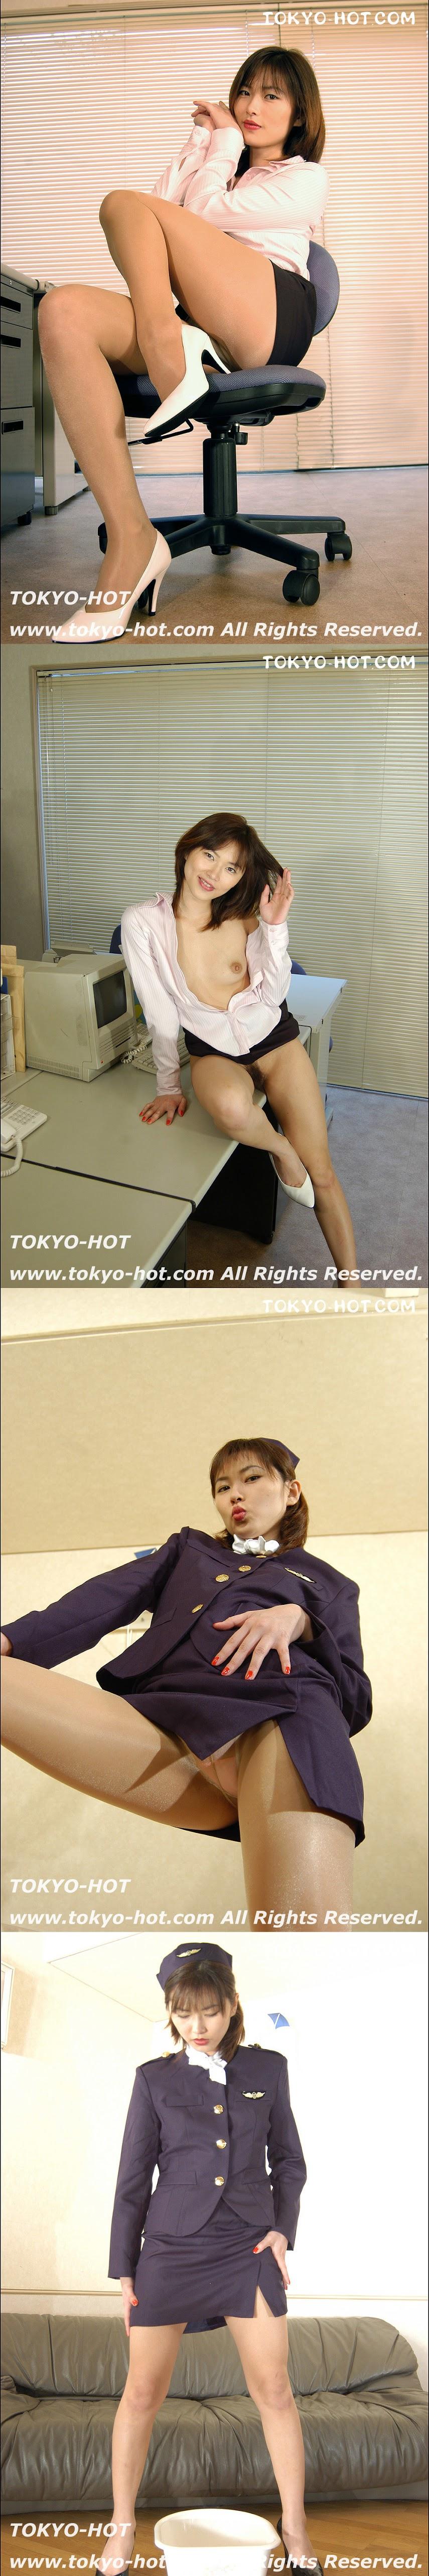 Tokyo-Hot e002 mai kuramoto 001 tokyo-hot 09160